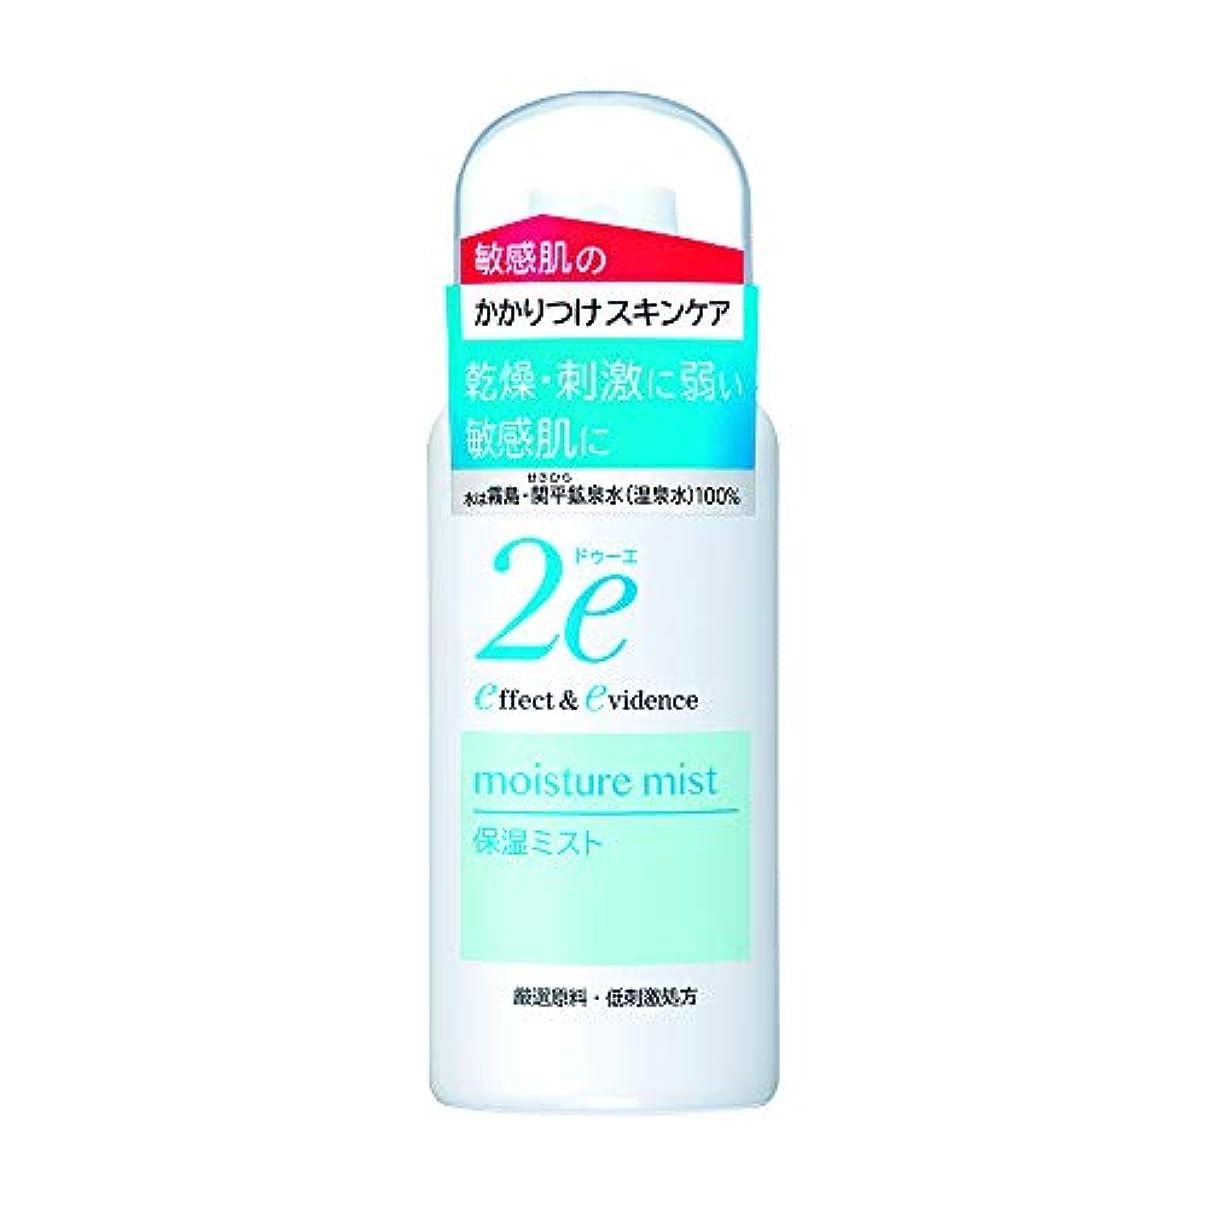 調整可能不適切なつまらない2e(ドゥーエ) 保湿ミスト 携帯用 敏感肌用化粧水 スプレータイプ 低刺激処方 50g